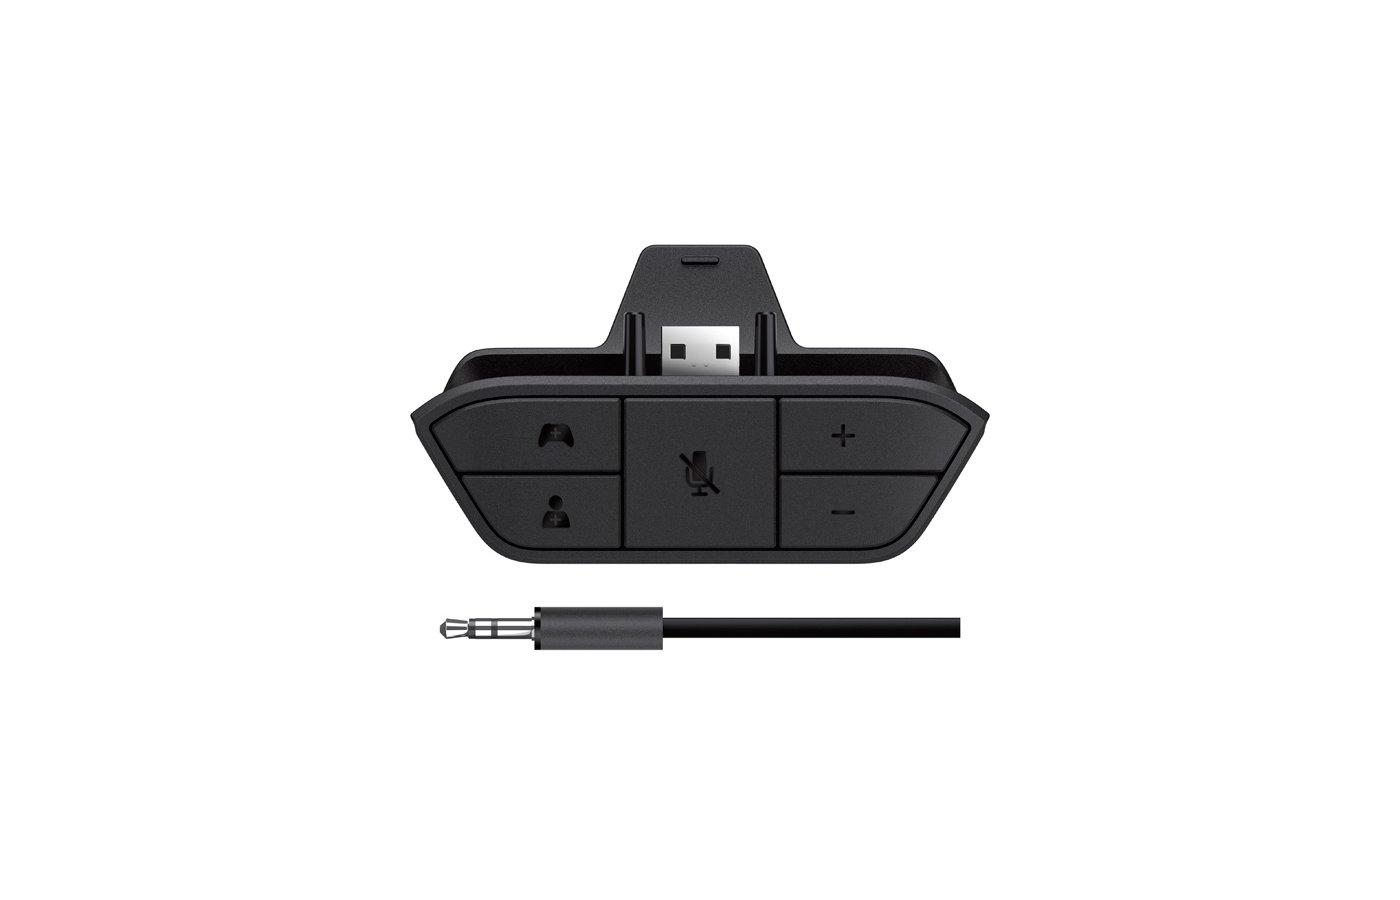 Адаптер для стерео-гарнитуры для Xbox One (6JV-00011)